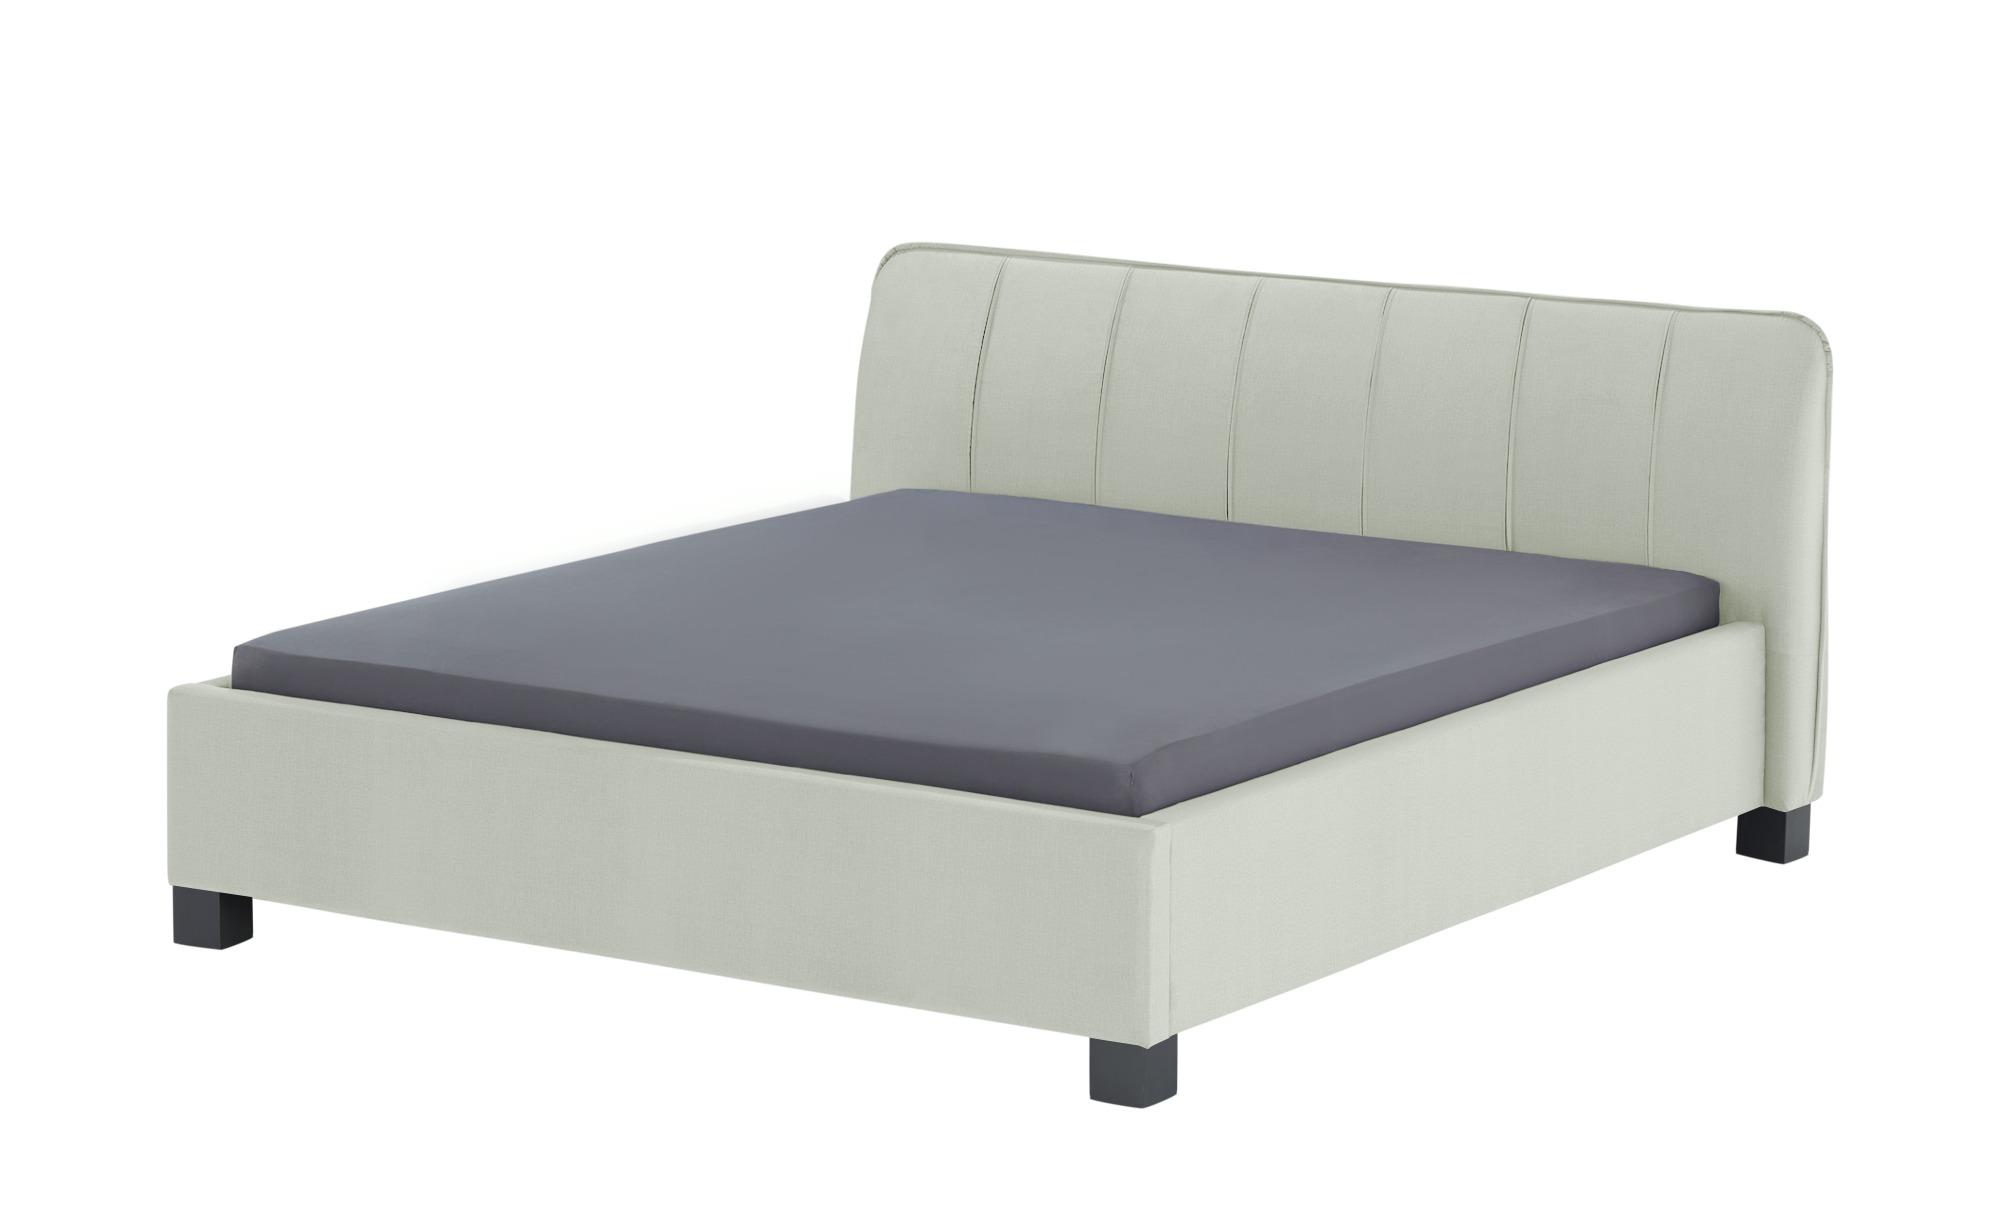 Polsterbettgestell mit Bettkasten  Monza ¦ grau Betten > Polsterbetten - Hö günstig online kaufen